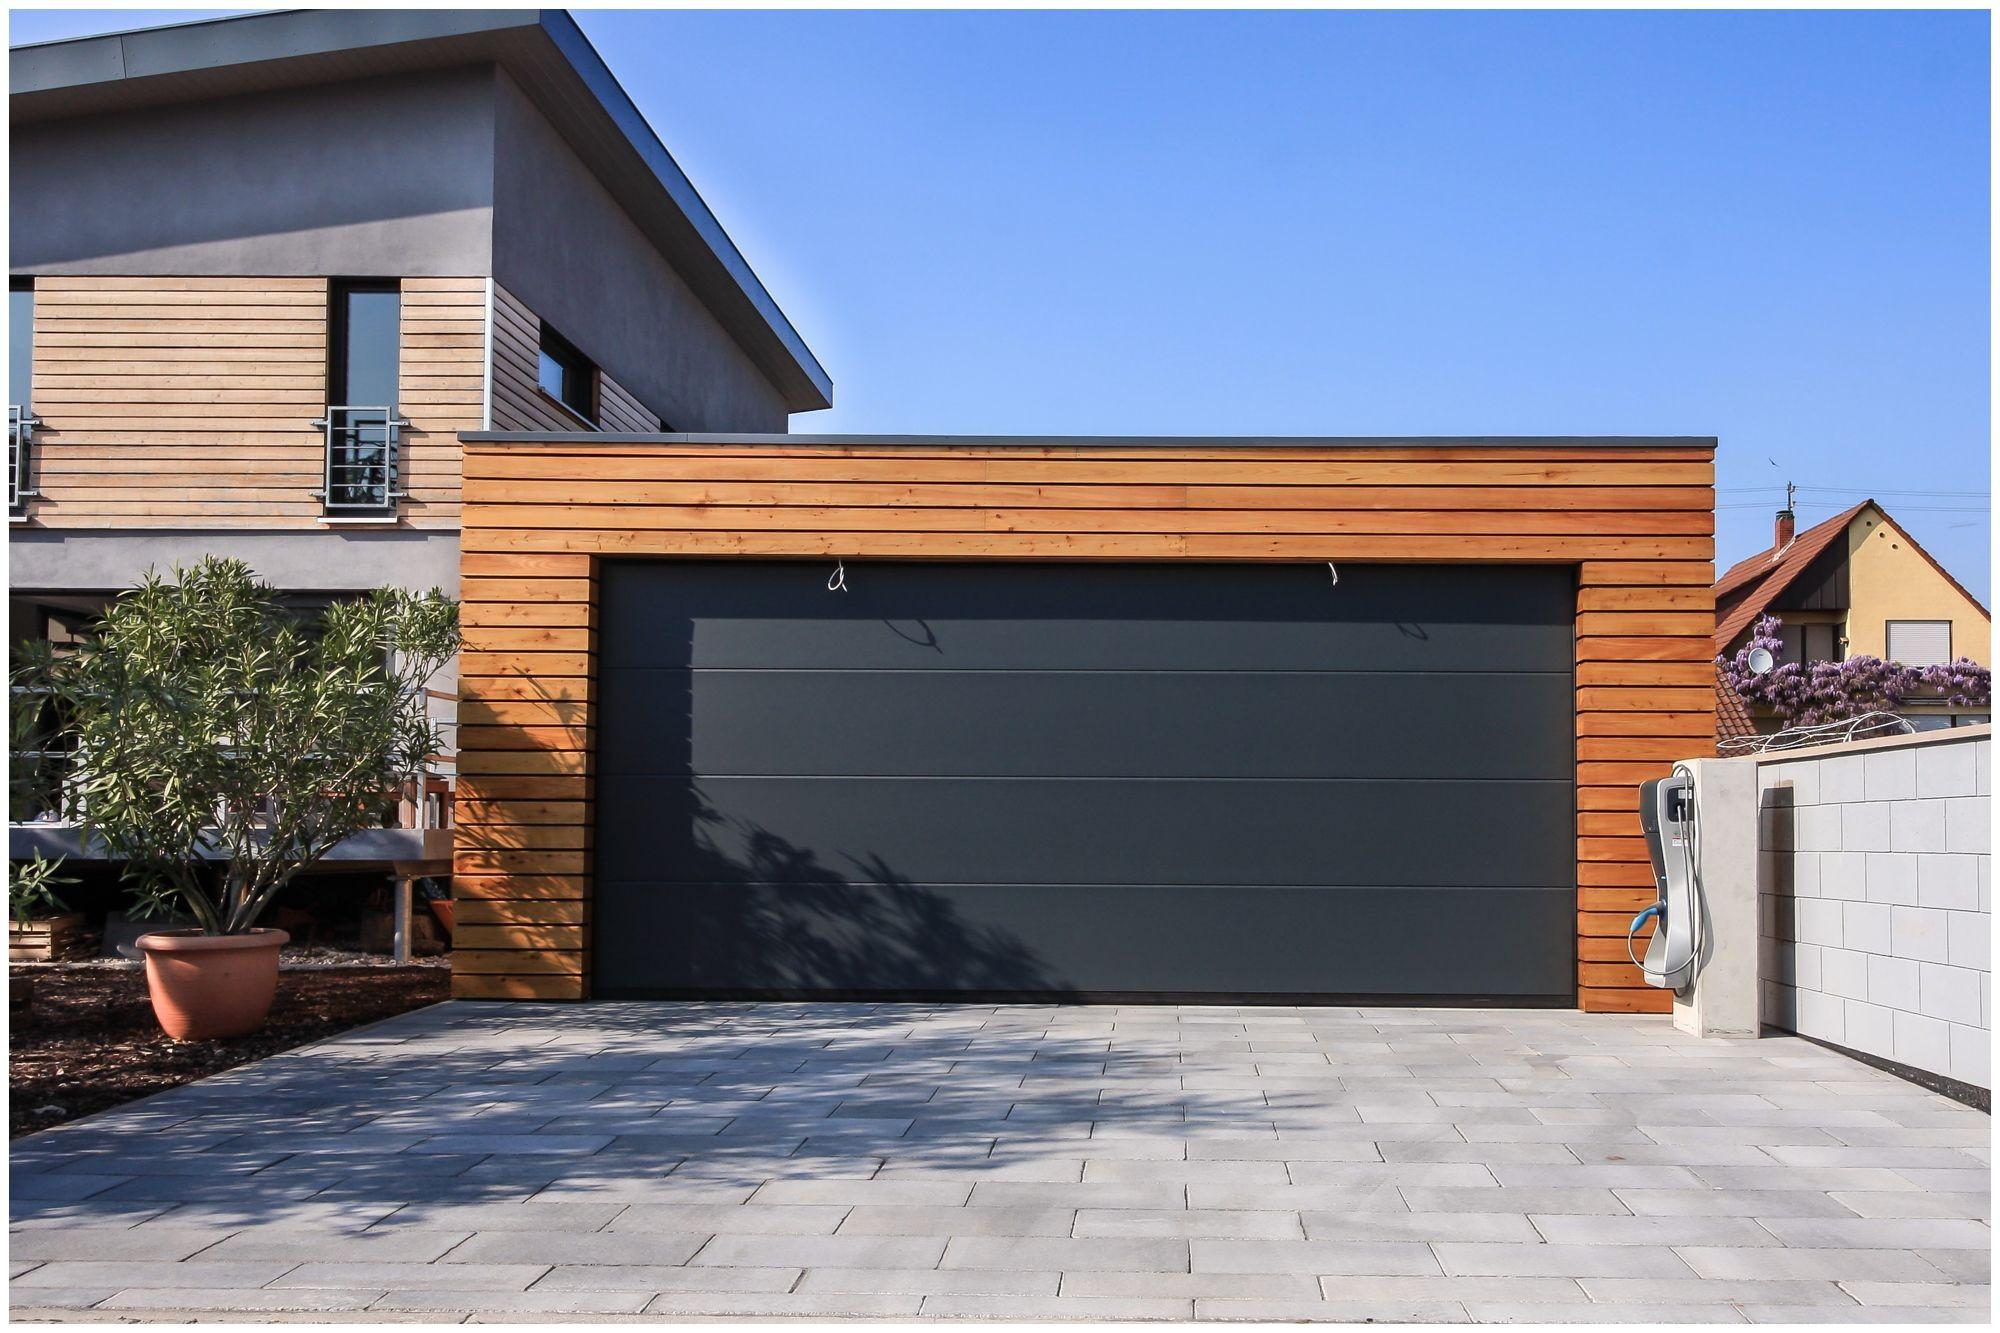 Garage Blech  Garage Blech Geschlossene Dachunterkonstruktion Am